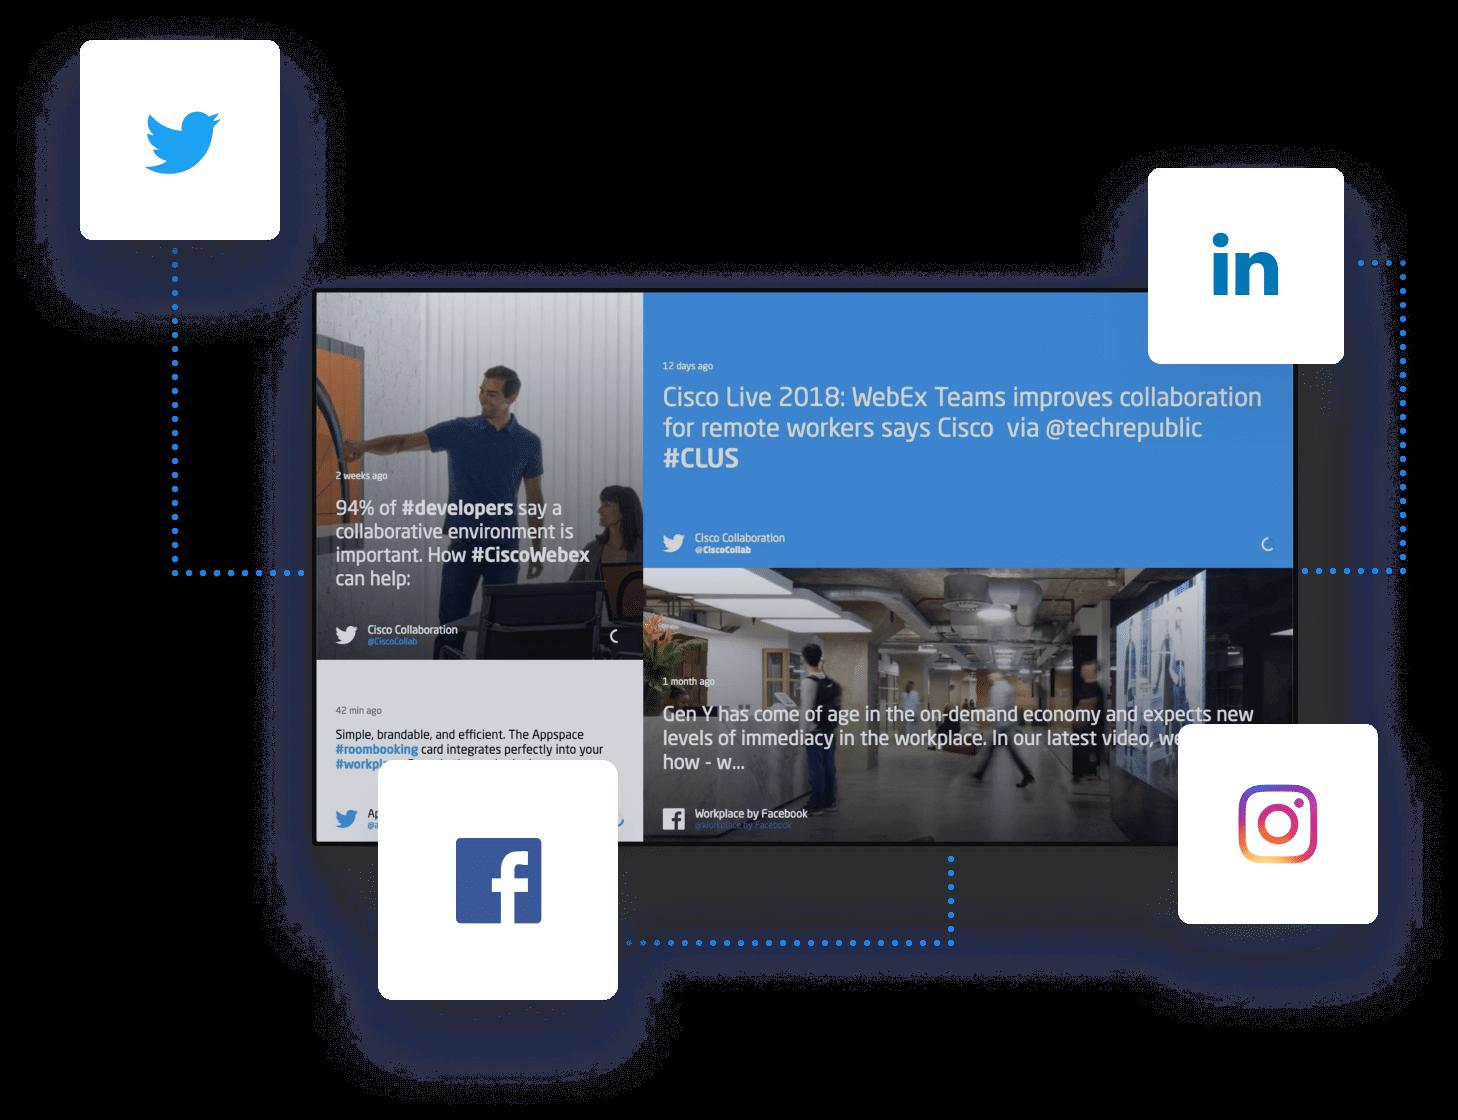 Social Media Feeds: Skykit Digital Signage Social Media Feeds Seenspire 2